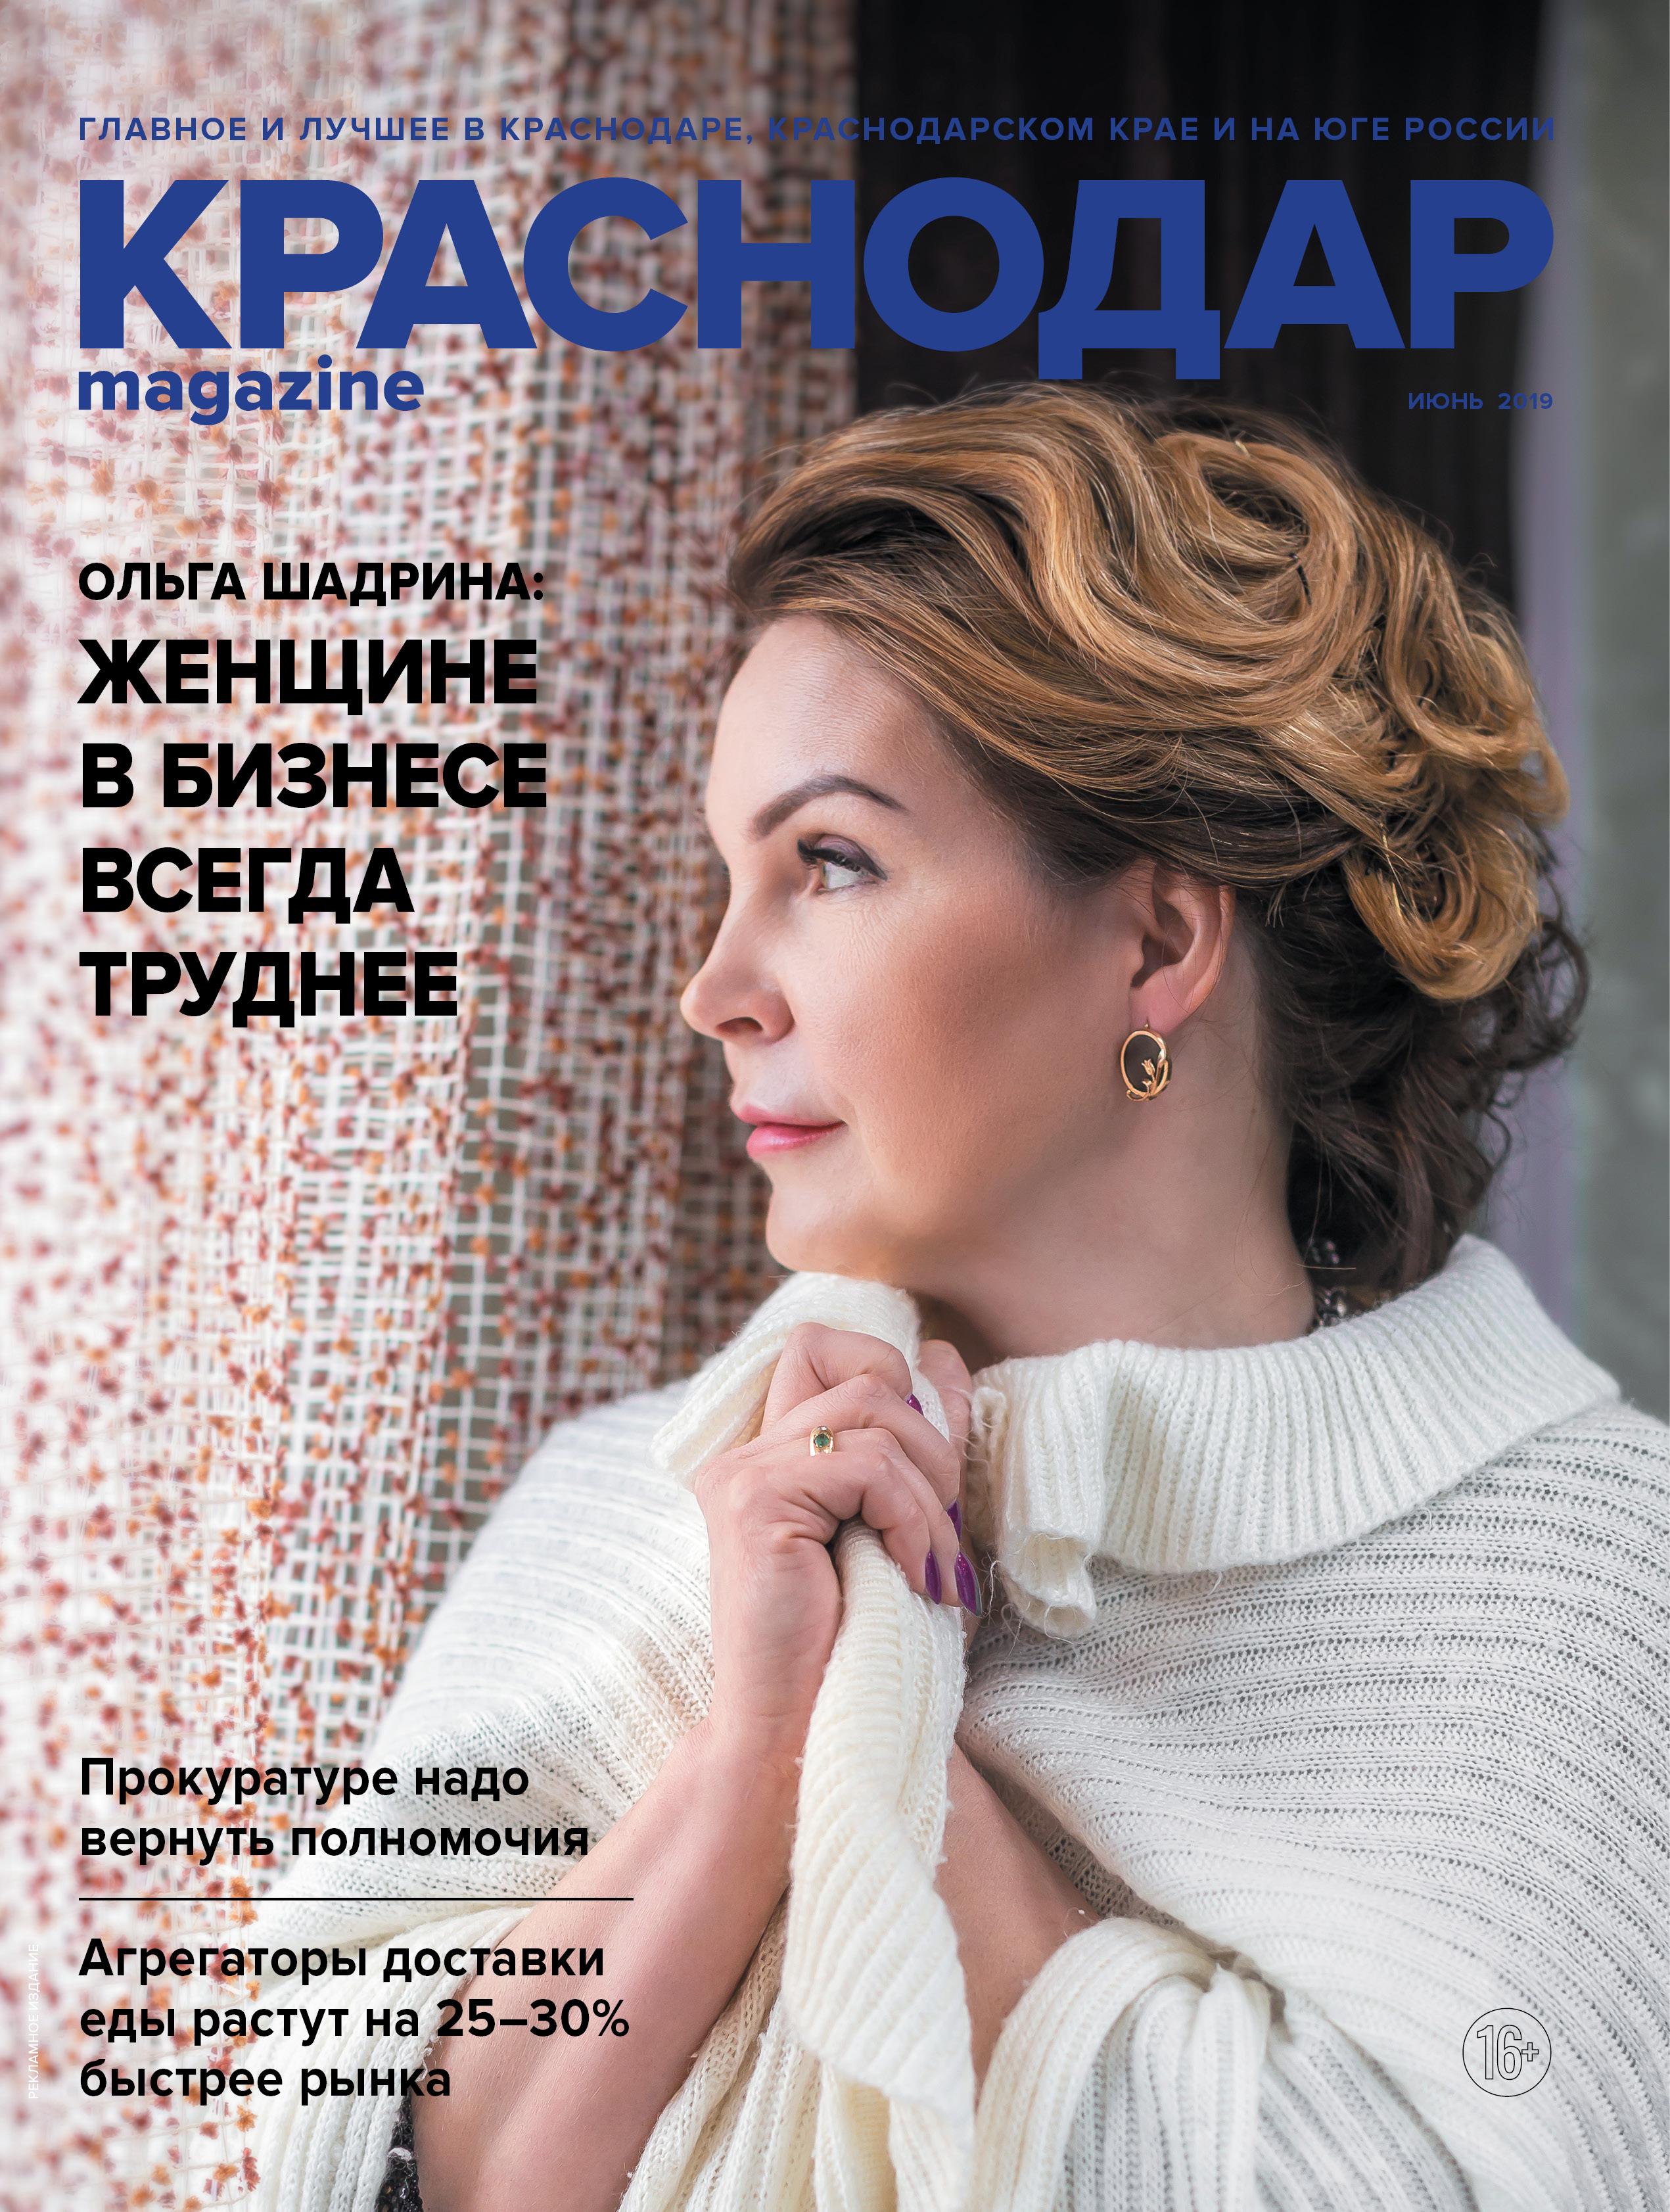 Краснодар Magazine №75 июнь 2019